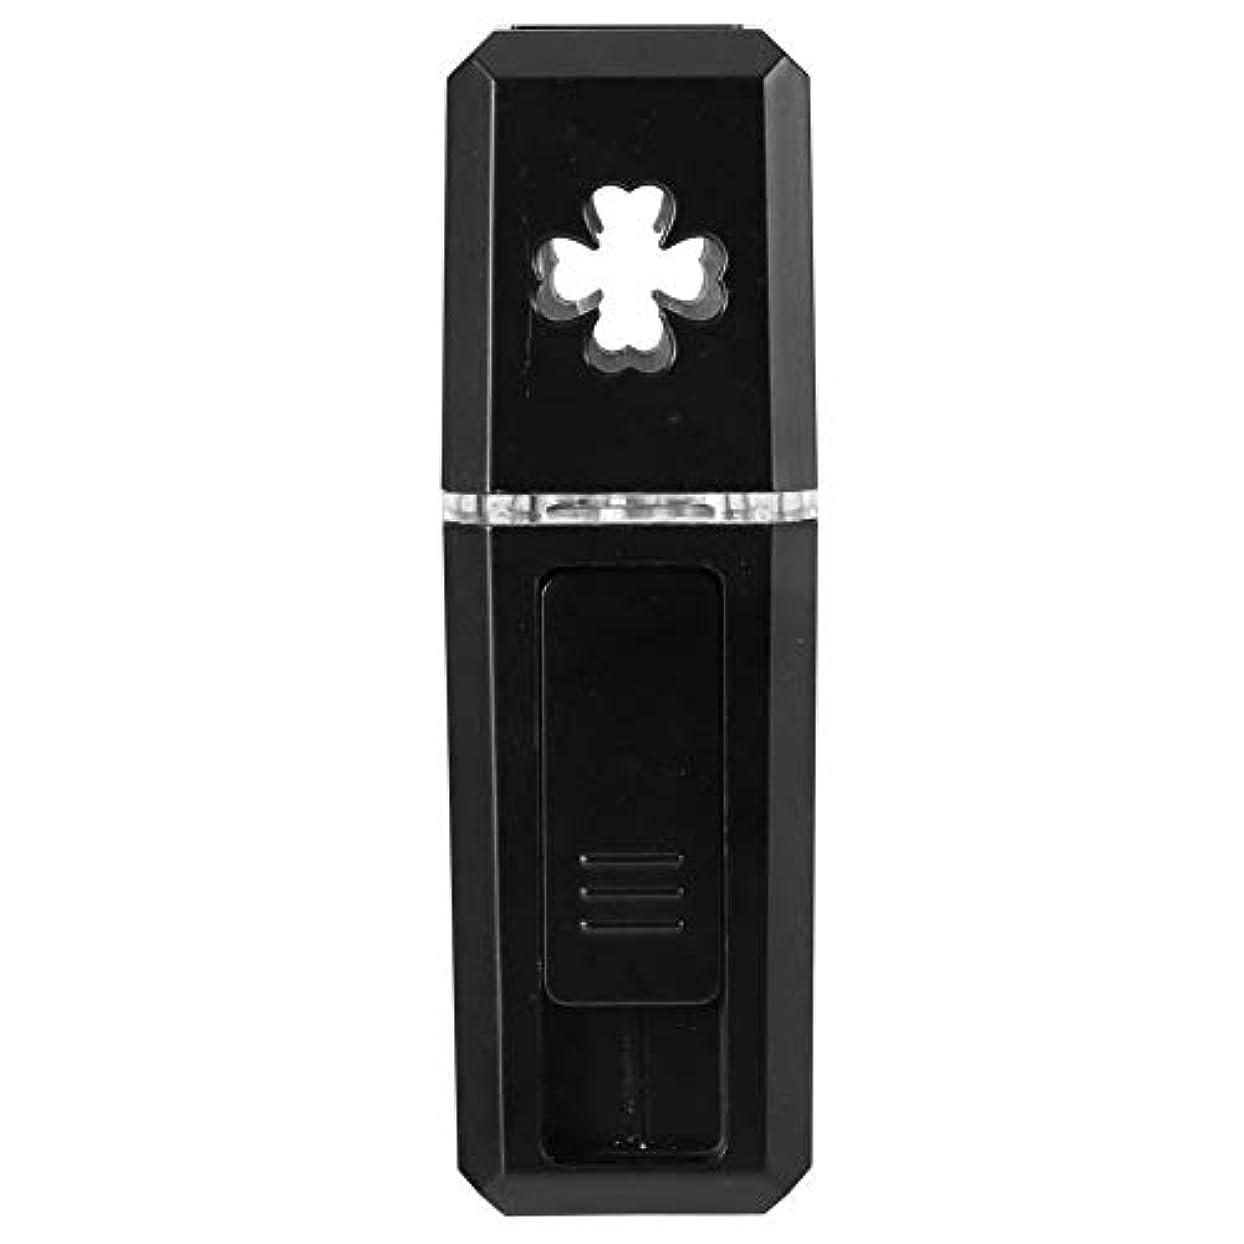 壊す勉強する擁する20ml口紅サイズミスト噴霧器、USB充電で保湿する便利なナノ噴霧機(02)